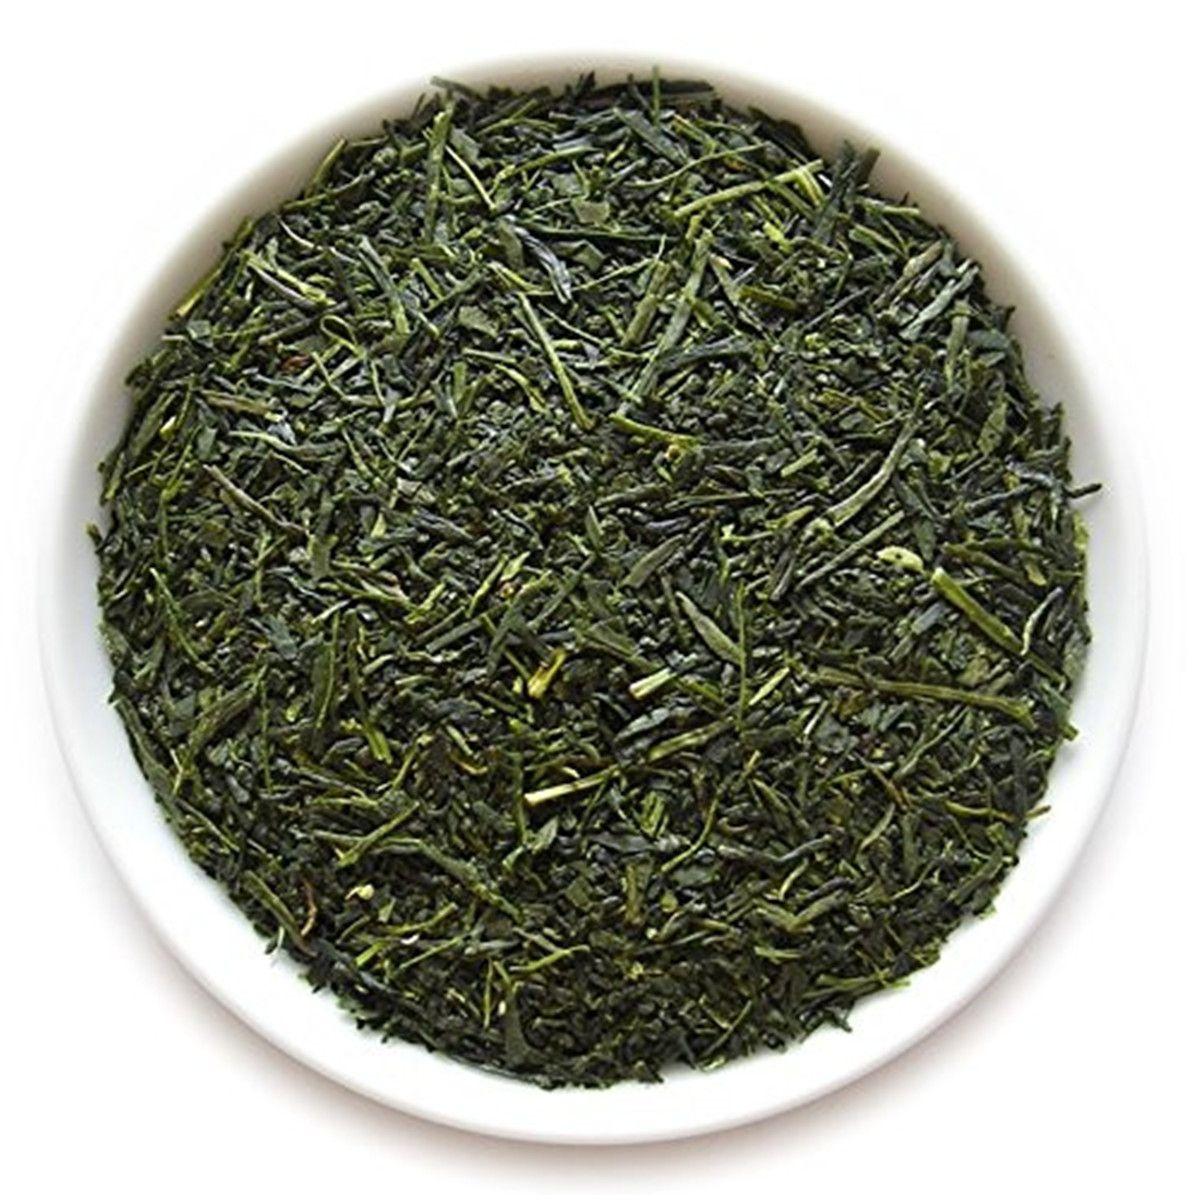 Chá verde orgânico Sencha japonês solto verde chá cru cuidados de saúde novo chá de primavera verde alimentos direto da fábrica de vendas a granel